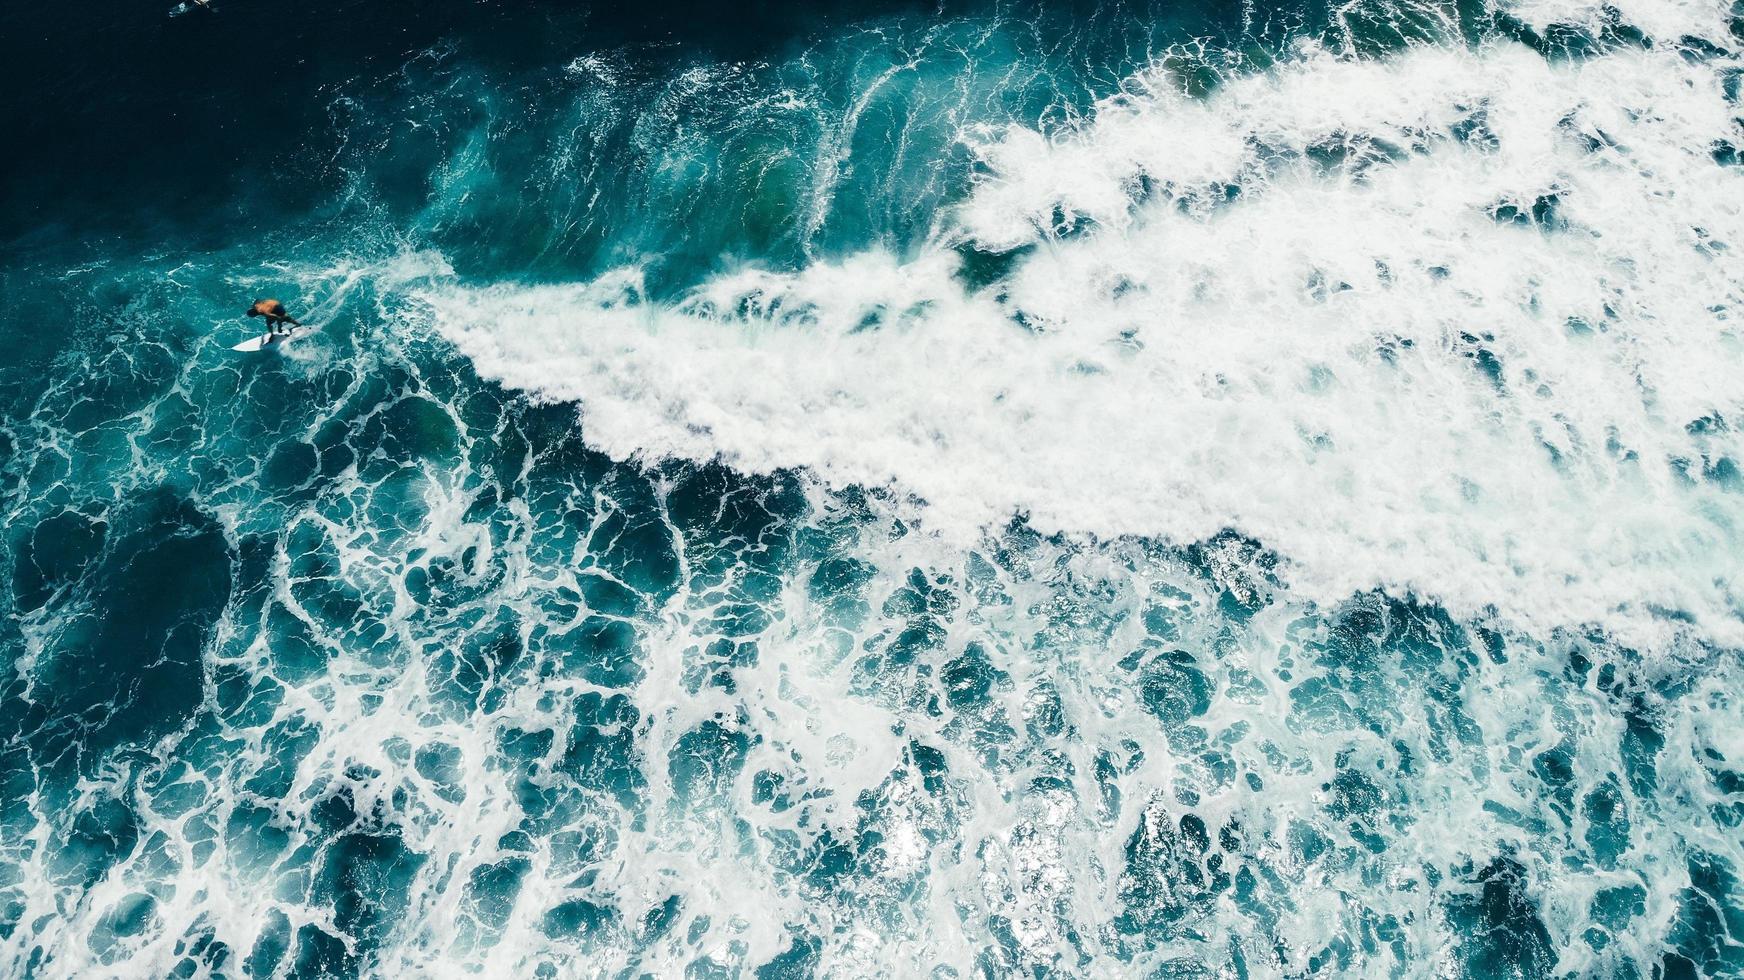 luchtfoto van een surfer foto